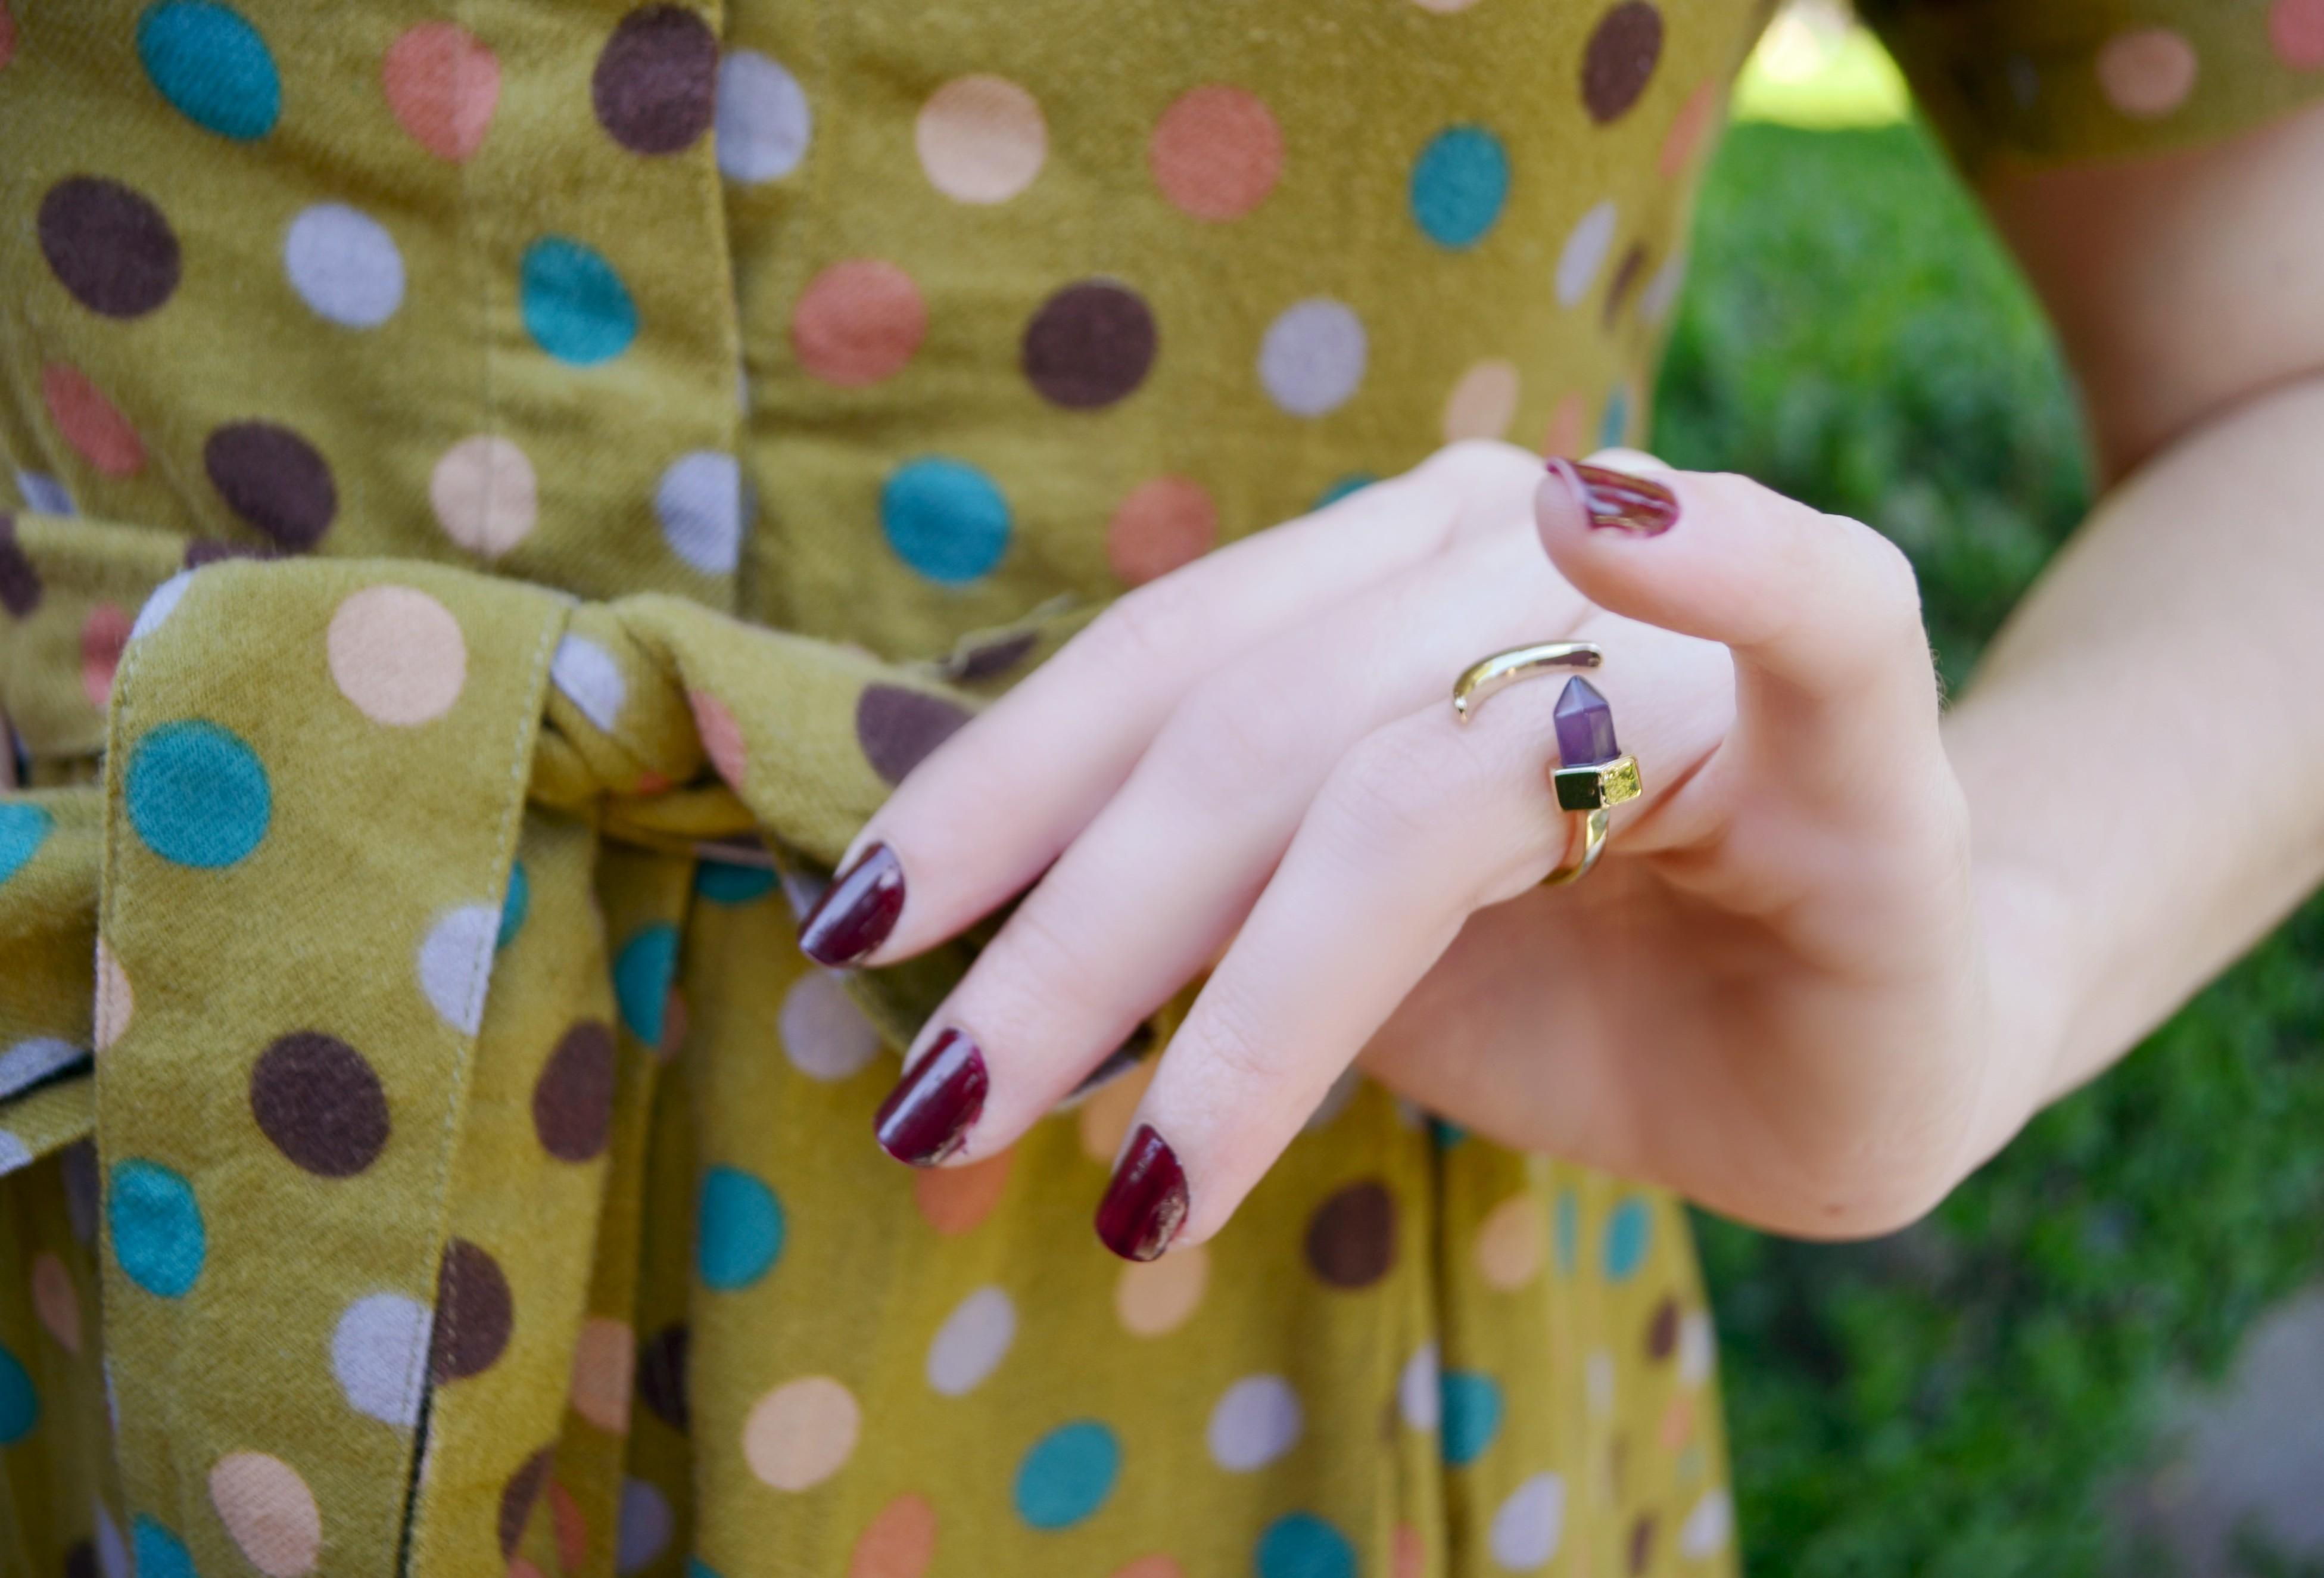 ChicAdicta-Blog-de-moda-Chic-Adicta-fashionista-happiness-boutique-ring-vestido-de-lunares-spring-look-PiensaenChic-Piensa-en-Chic